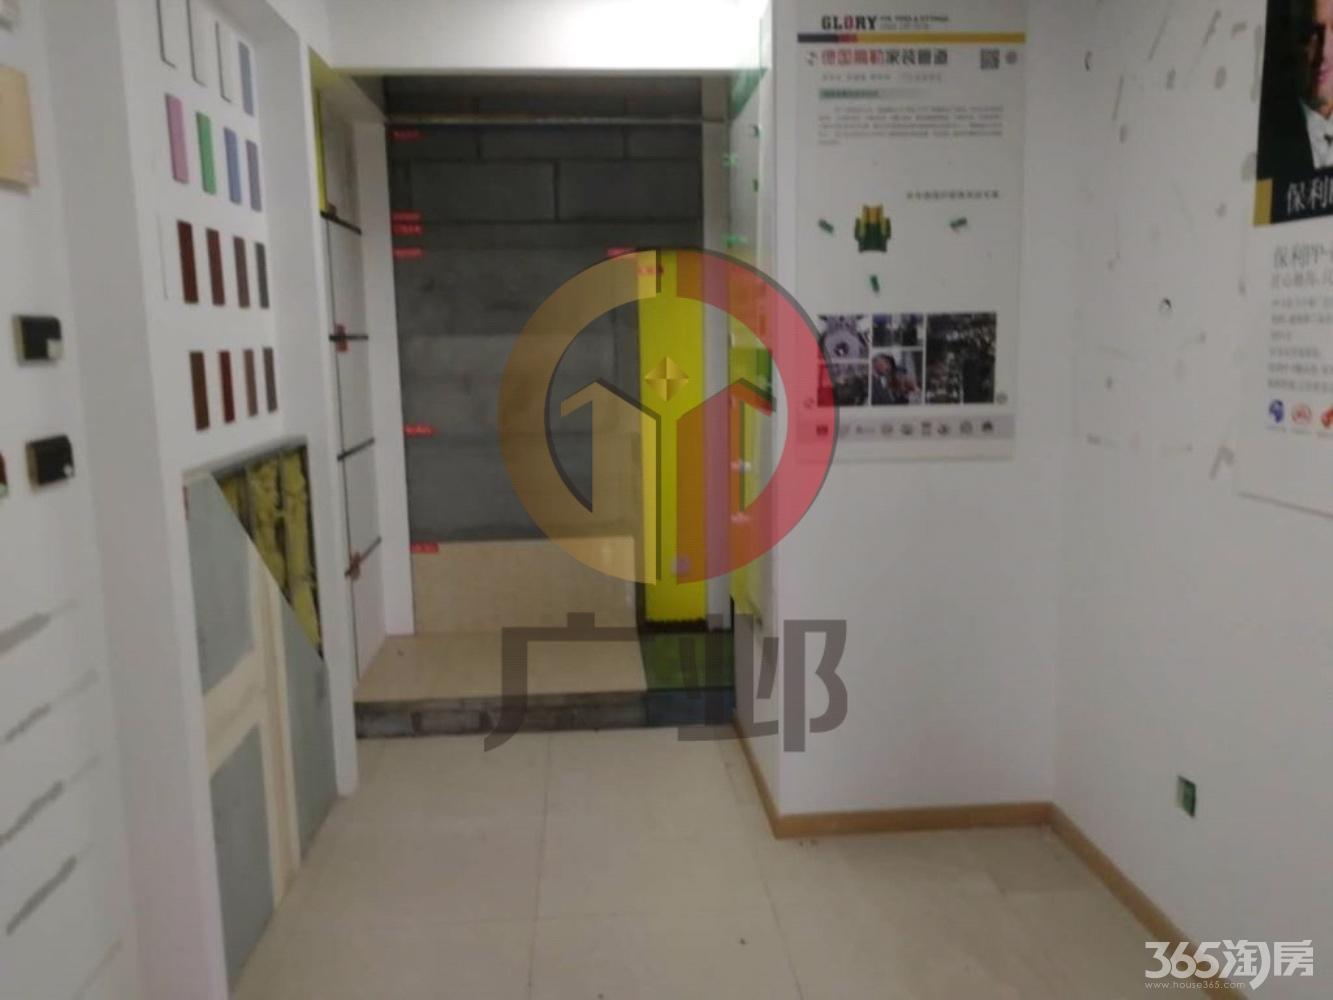 江宁区百家湖天琪科技大厦租房